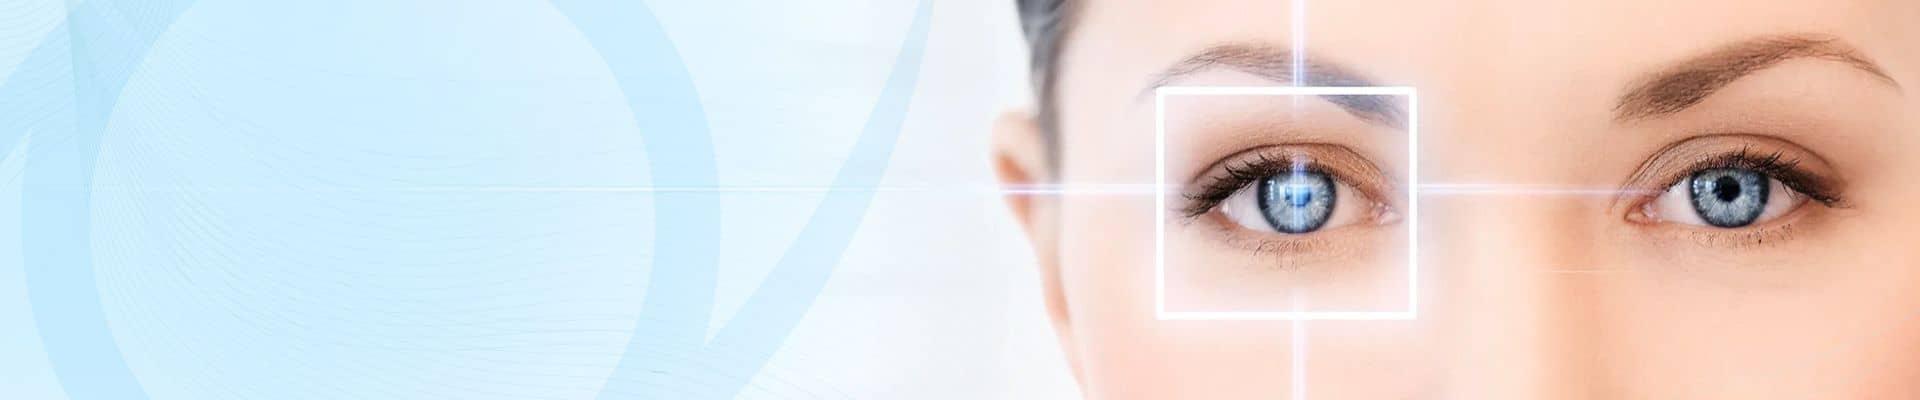 gyenge látás és kezelések